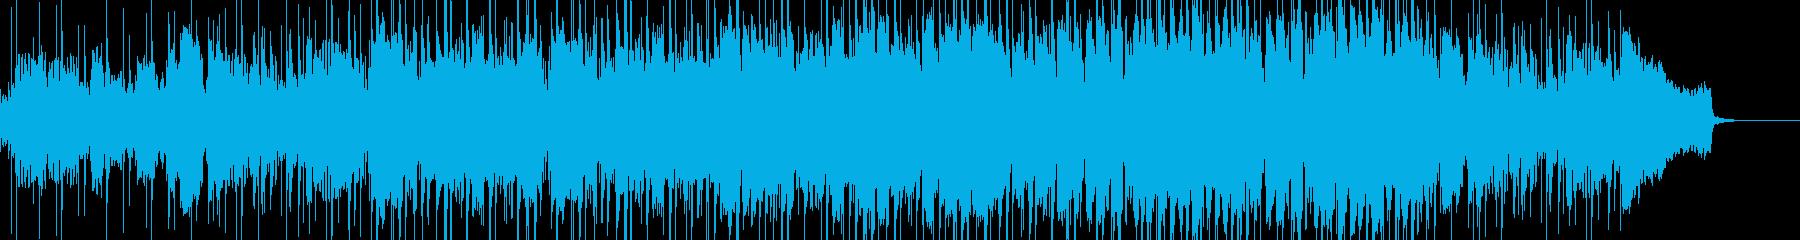 ボサノバ調の爽やかなBGMの再生済みの波形